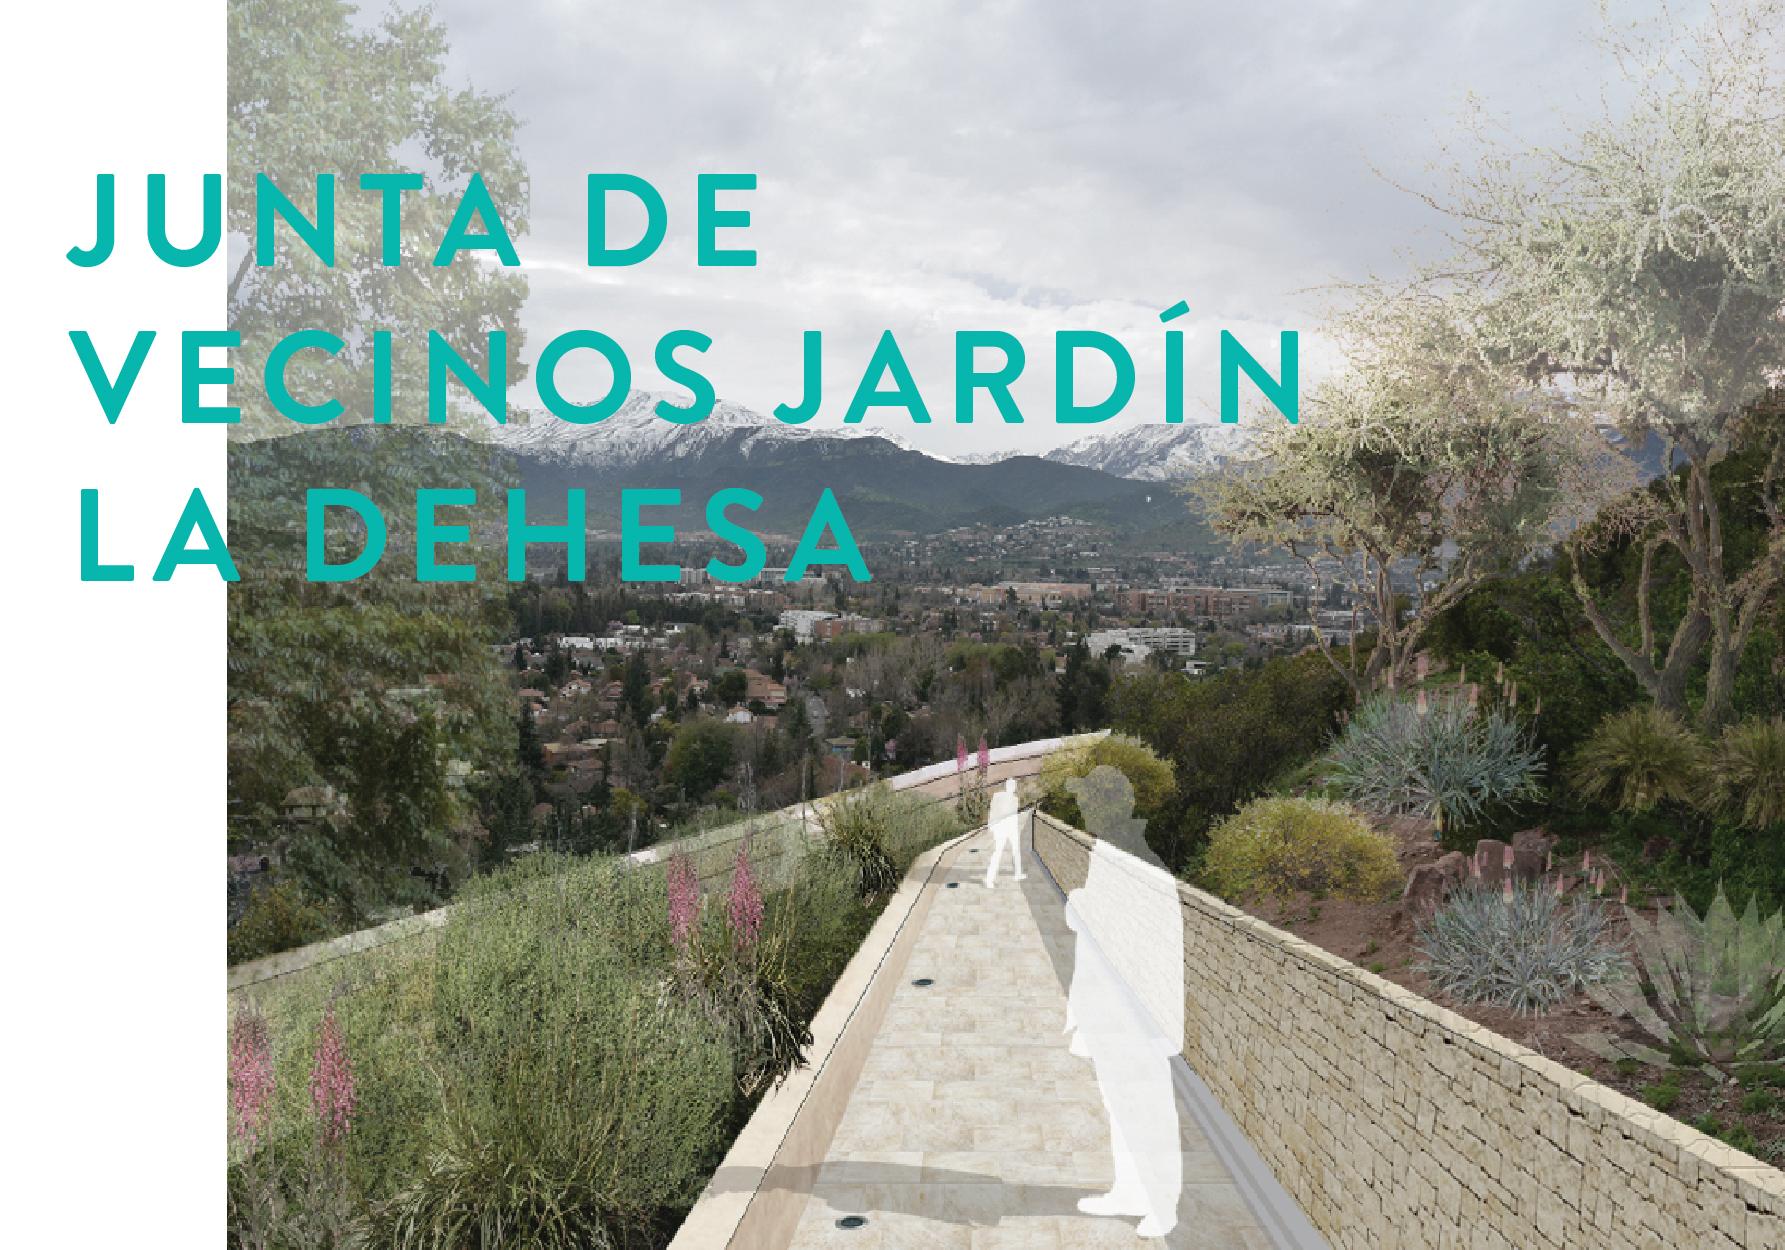 Formato Panoramico JUNTA VECINOS LA DEHESA-01.jpg